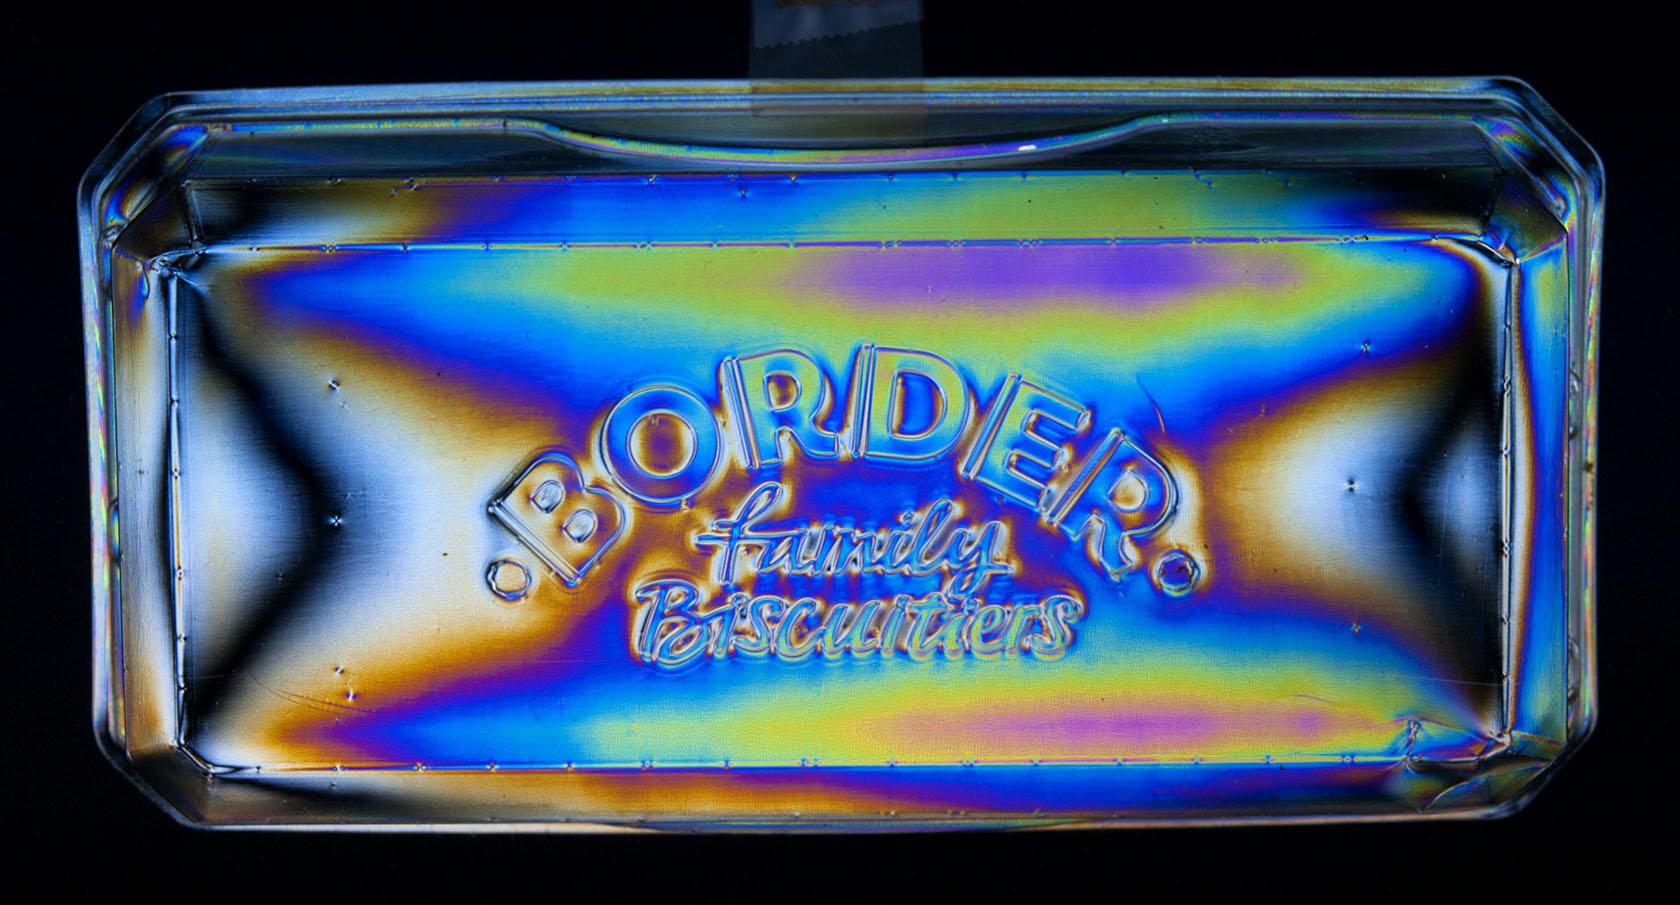 BorderBiscuits01